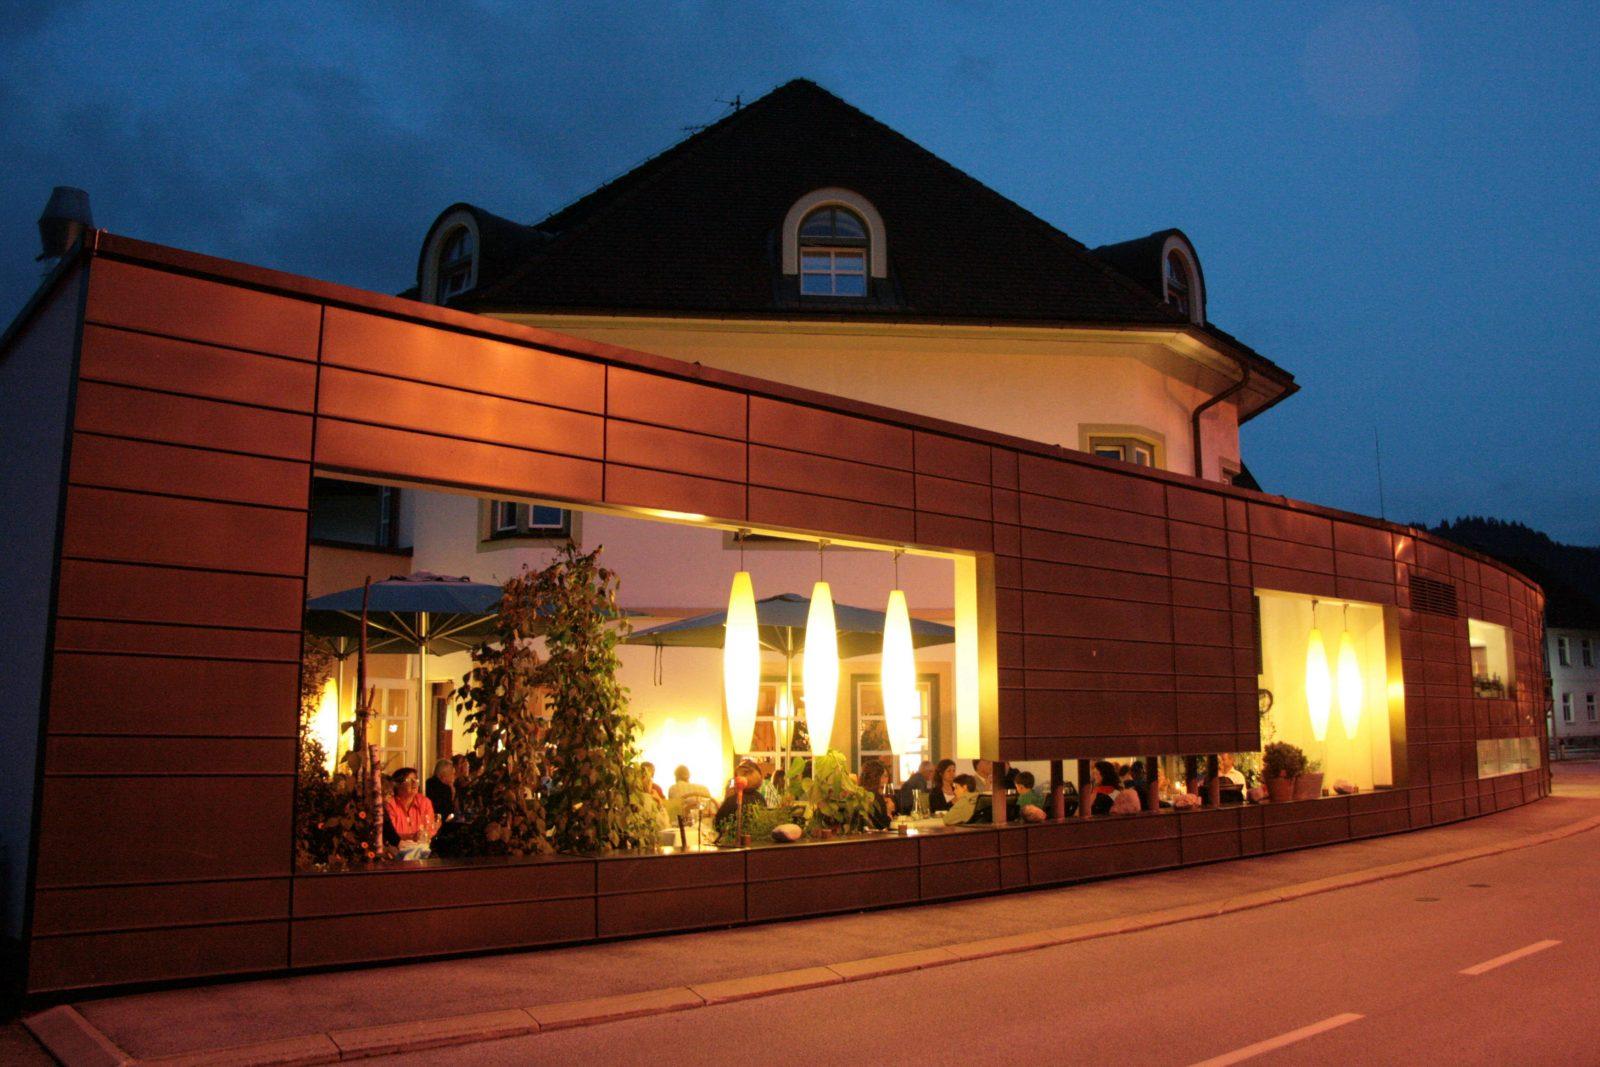 Garten Terrasse mit Gästen bei Nacht und Beleuchtet mit Zigarrenleuchten